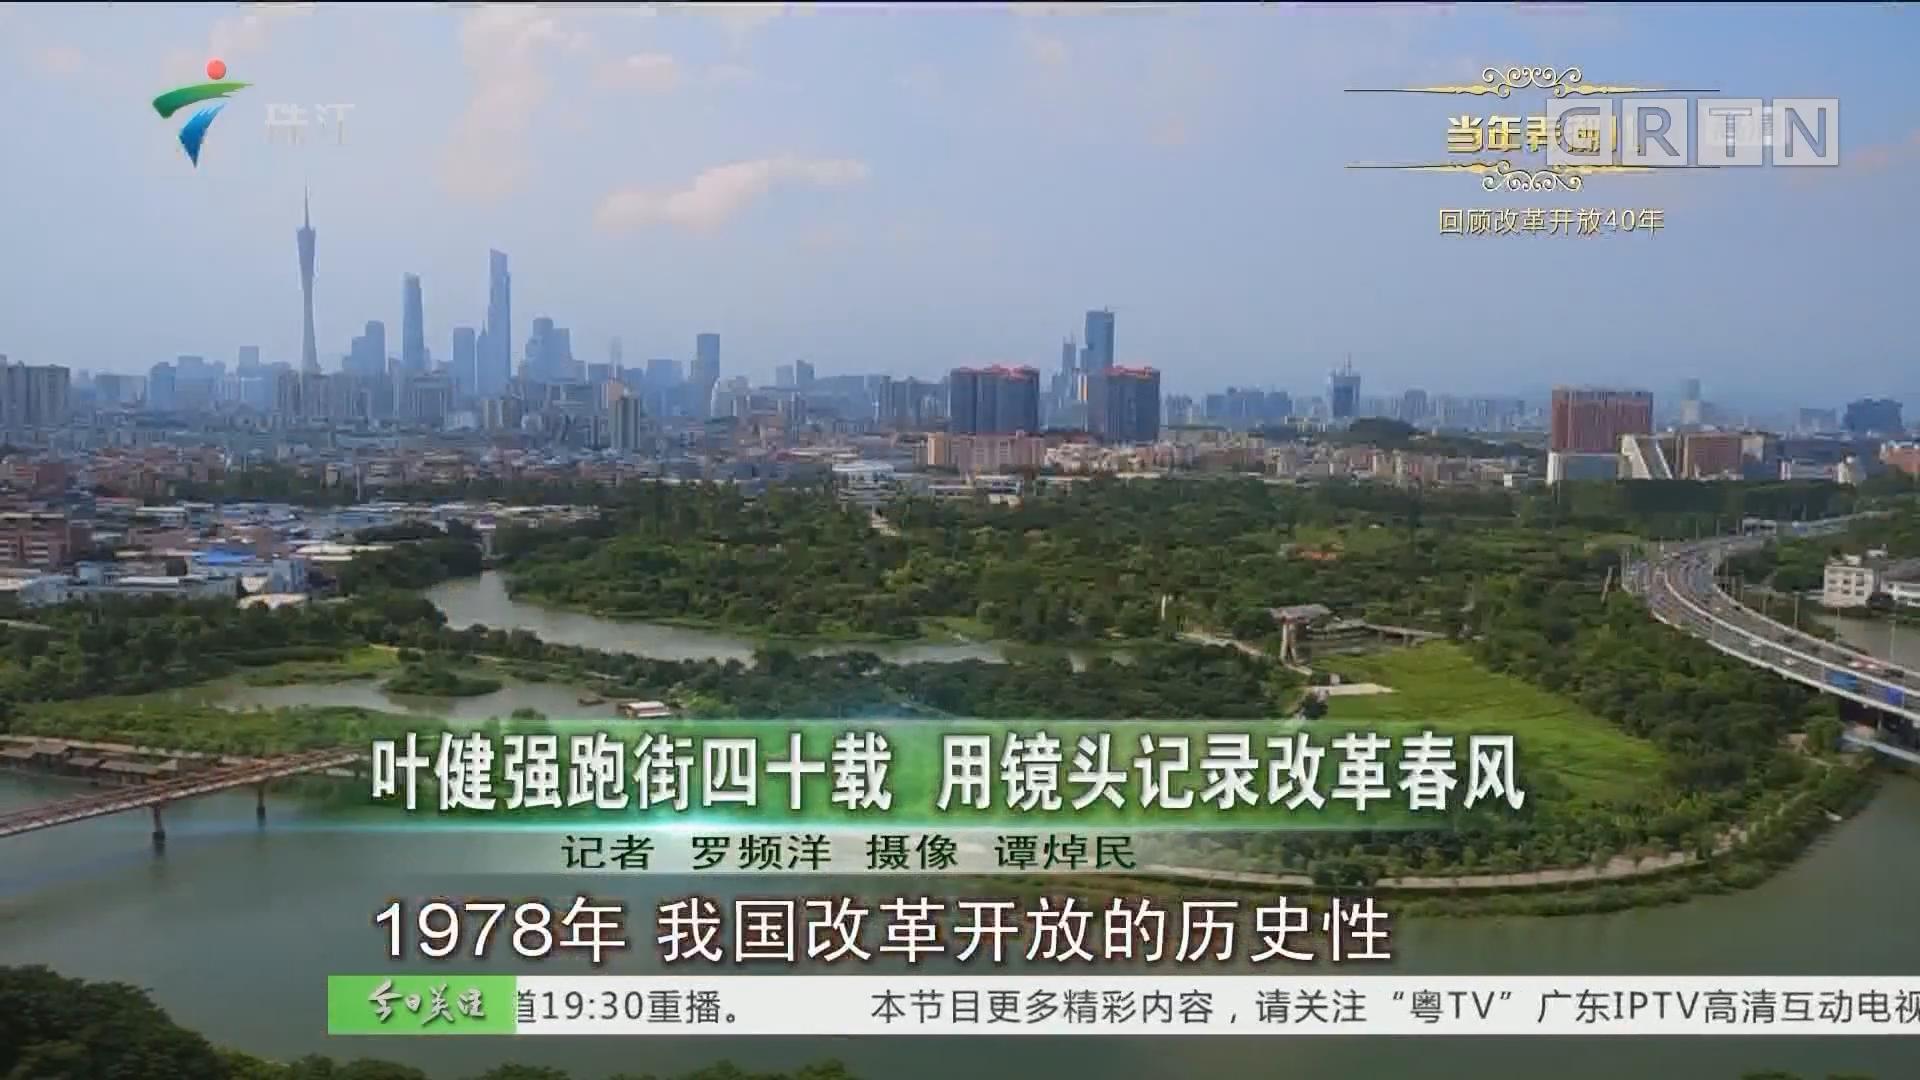 叶健强跑街四十载 用镜头记录改革春风